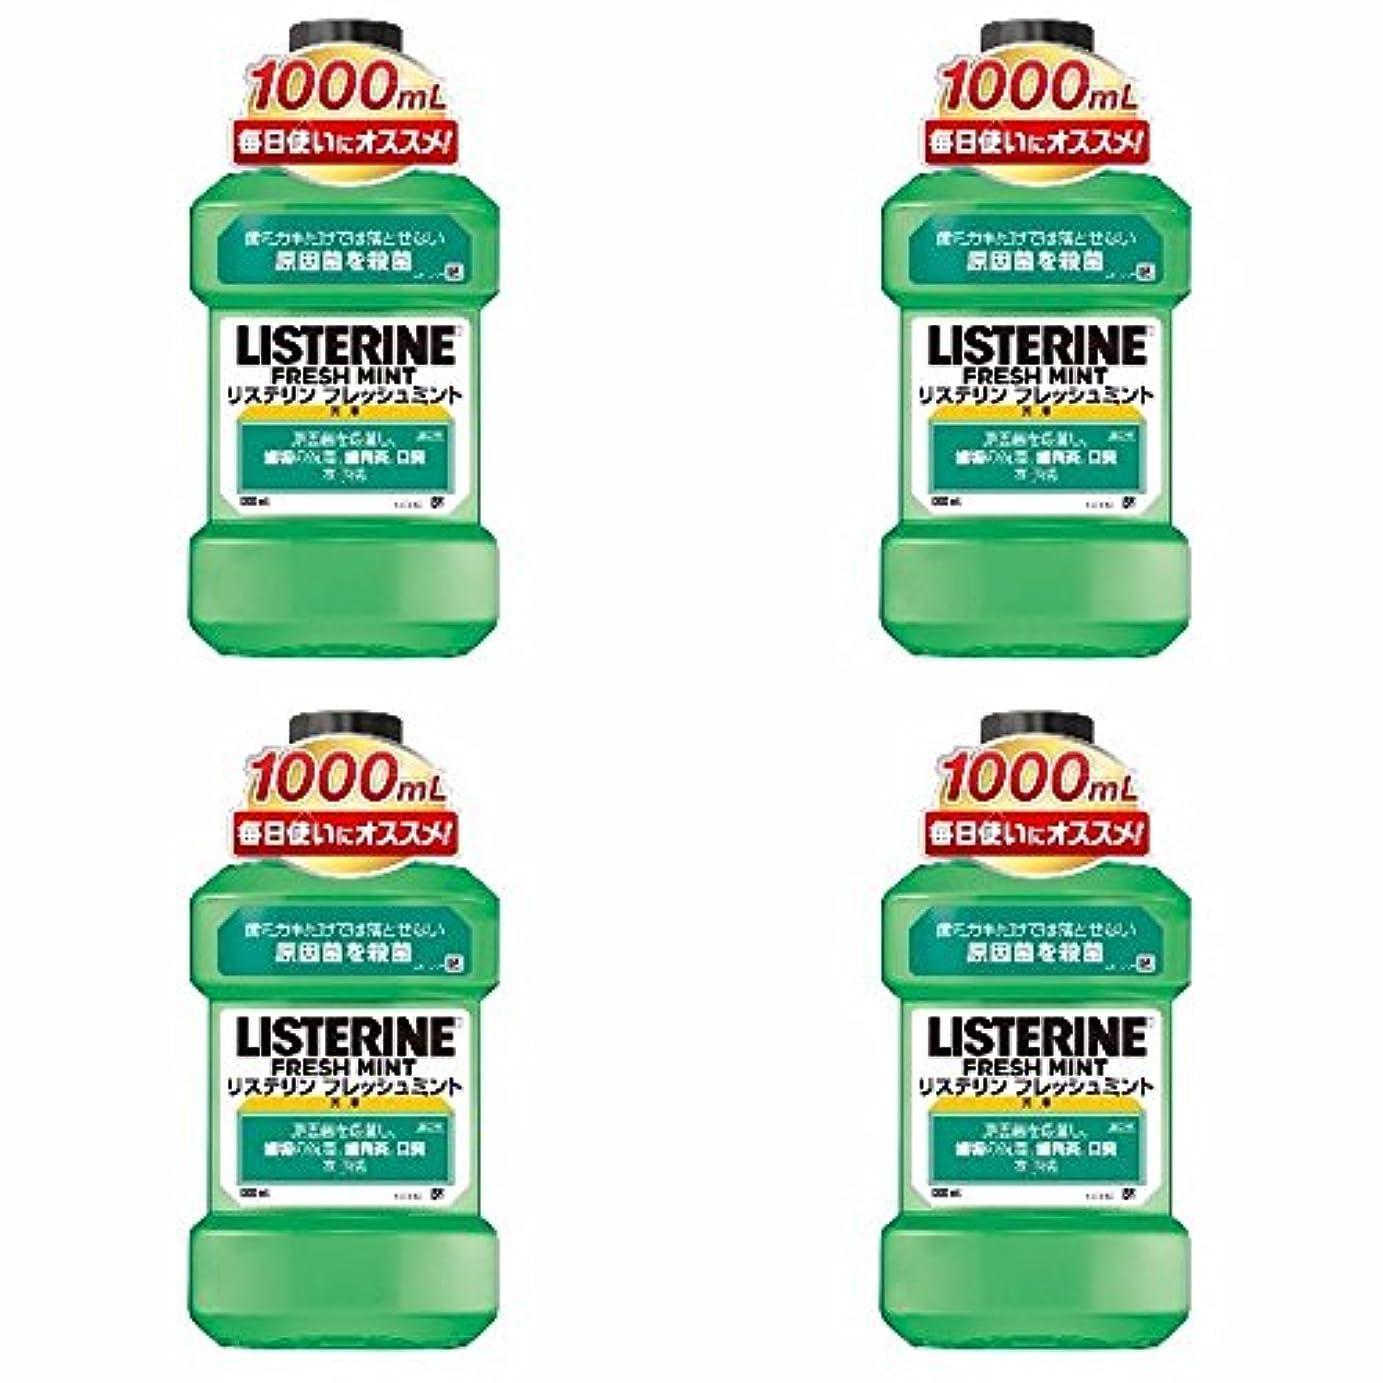 影響力のある叫ぶライバル【まとめ買い】薬用 LISTERINE リステリン フレッシュミント 1000ml×4個